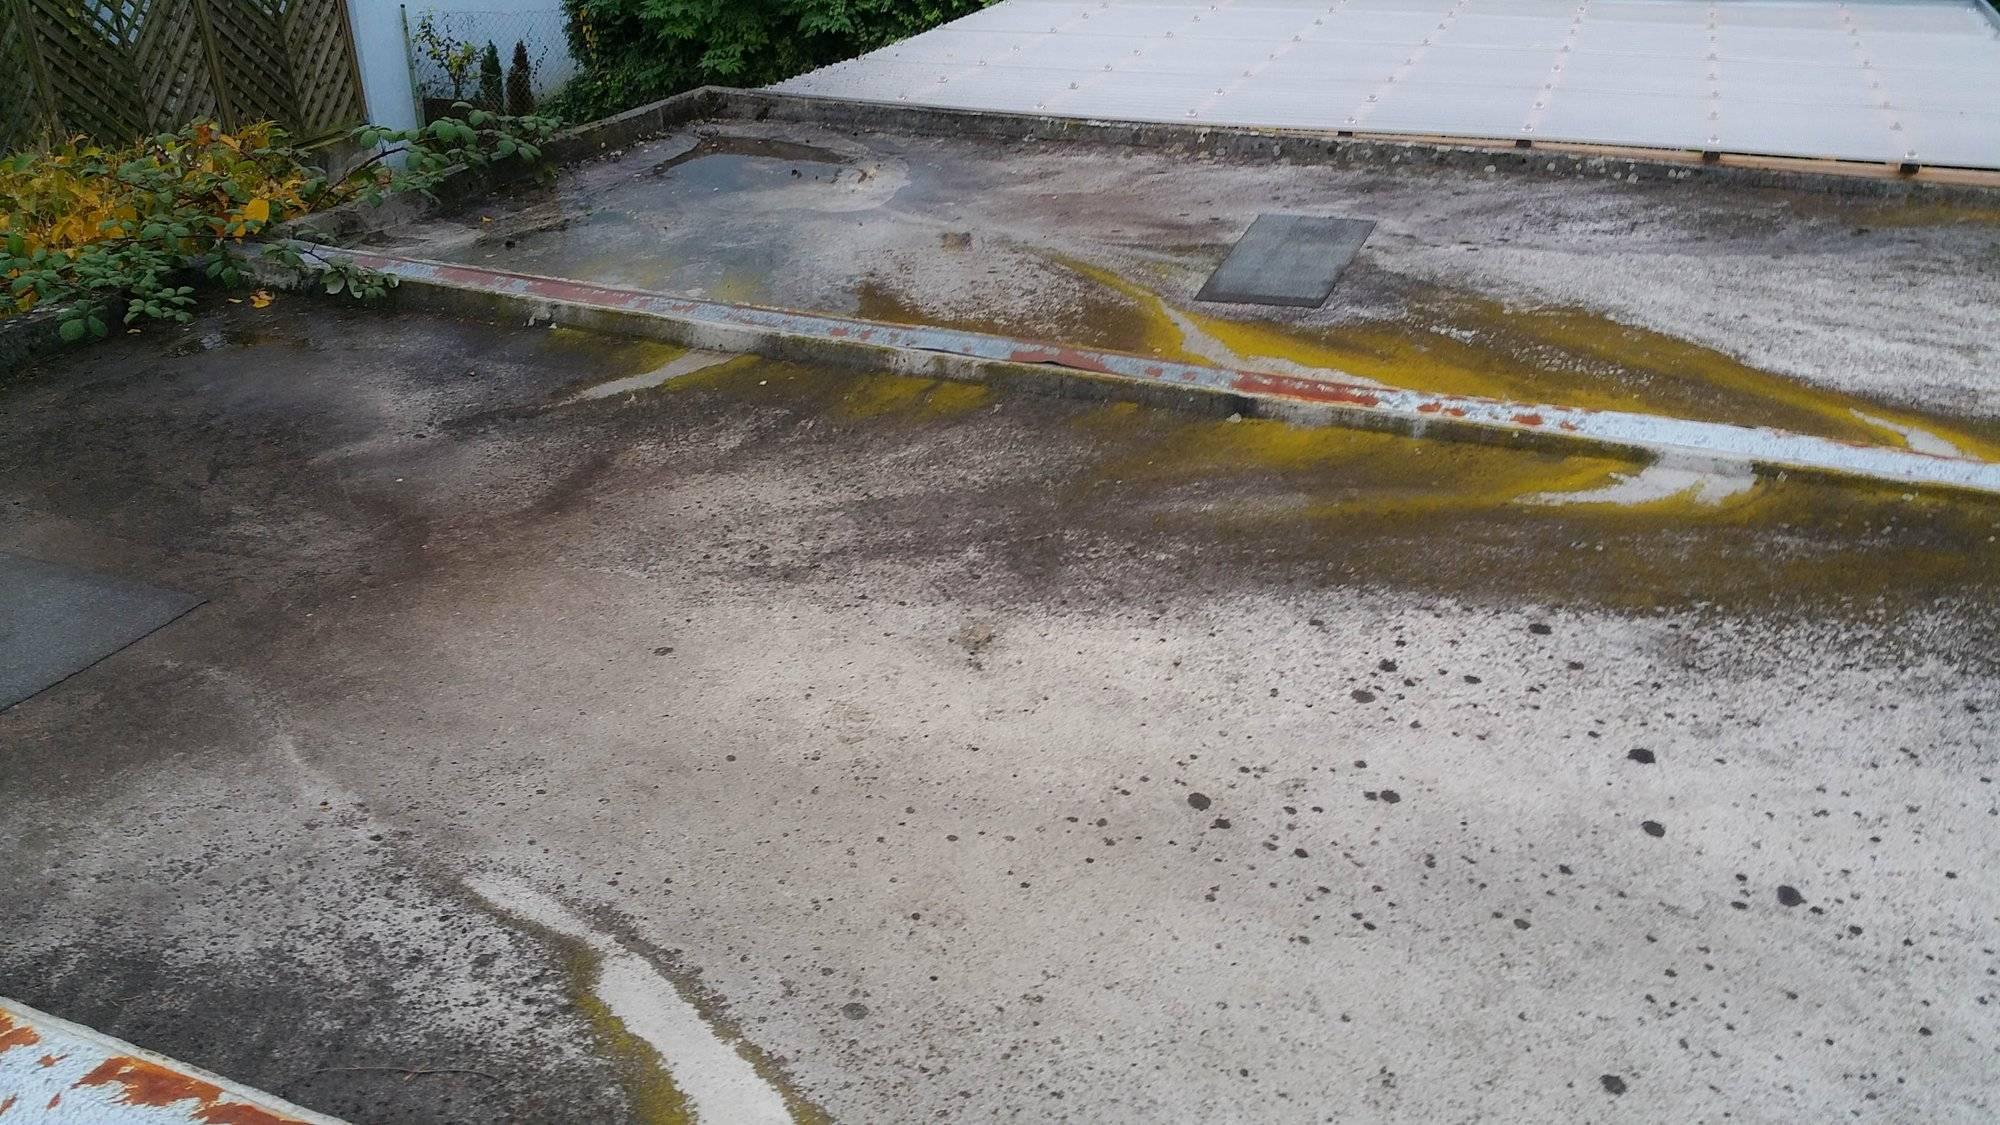 Garagendachreinigung, Flachdachreinigung & Carportreinigung